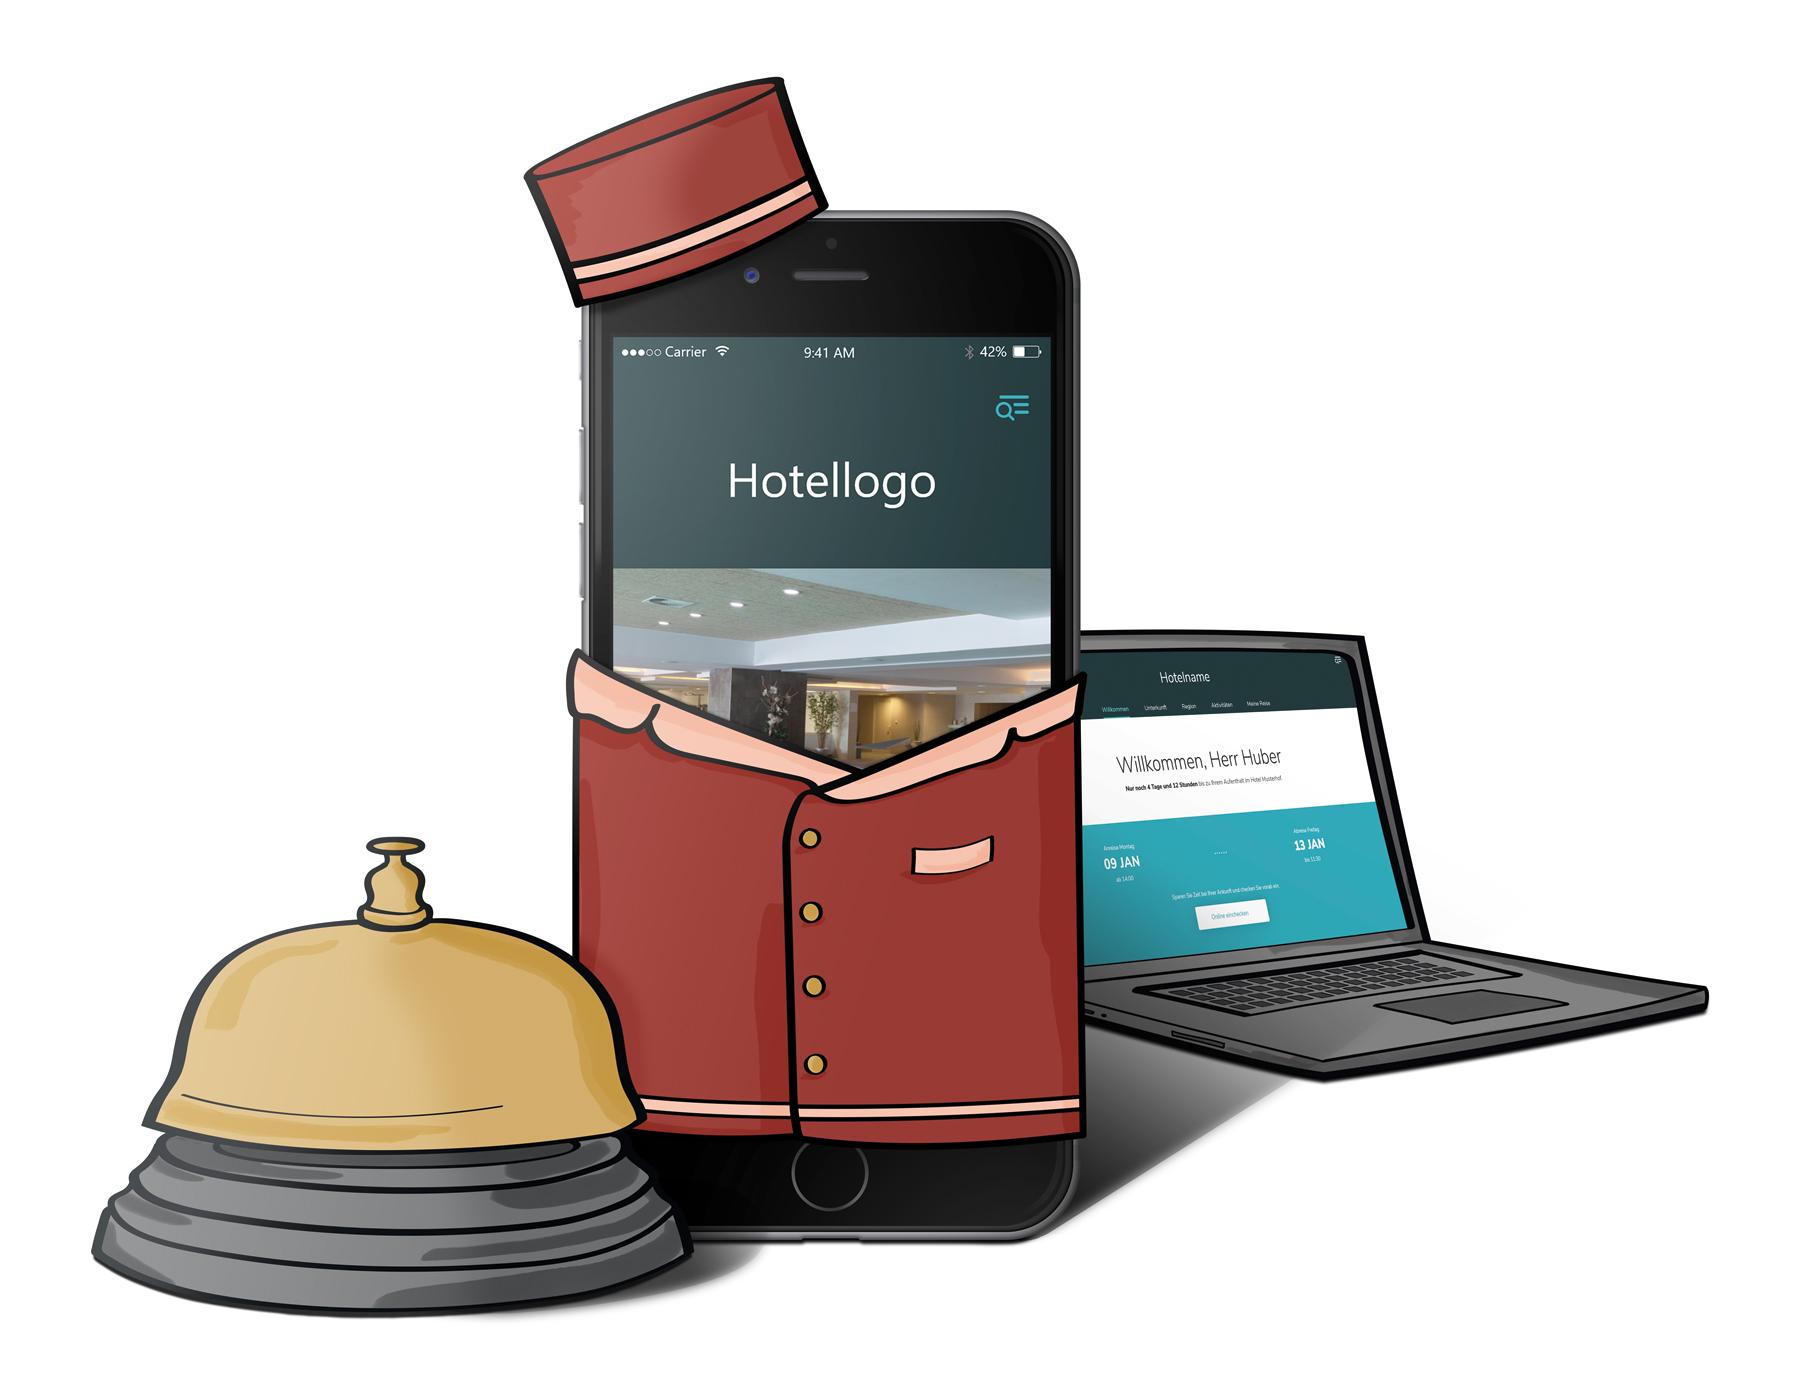 Ihr digitaler Concierge - Key Visual